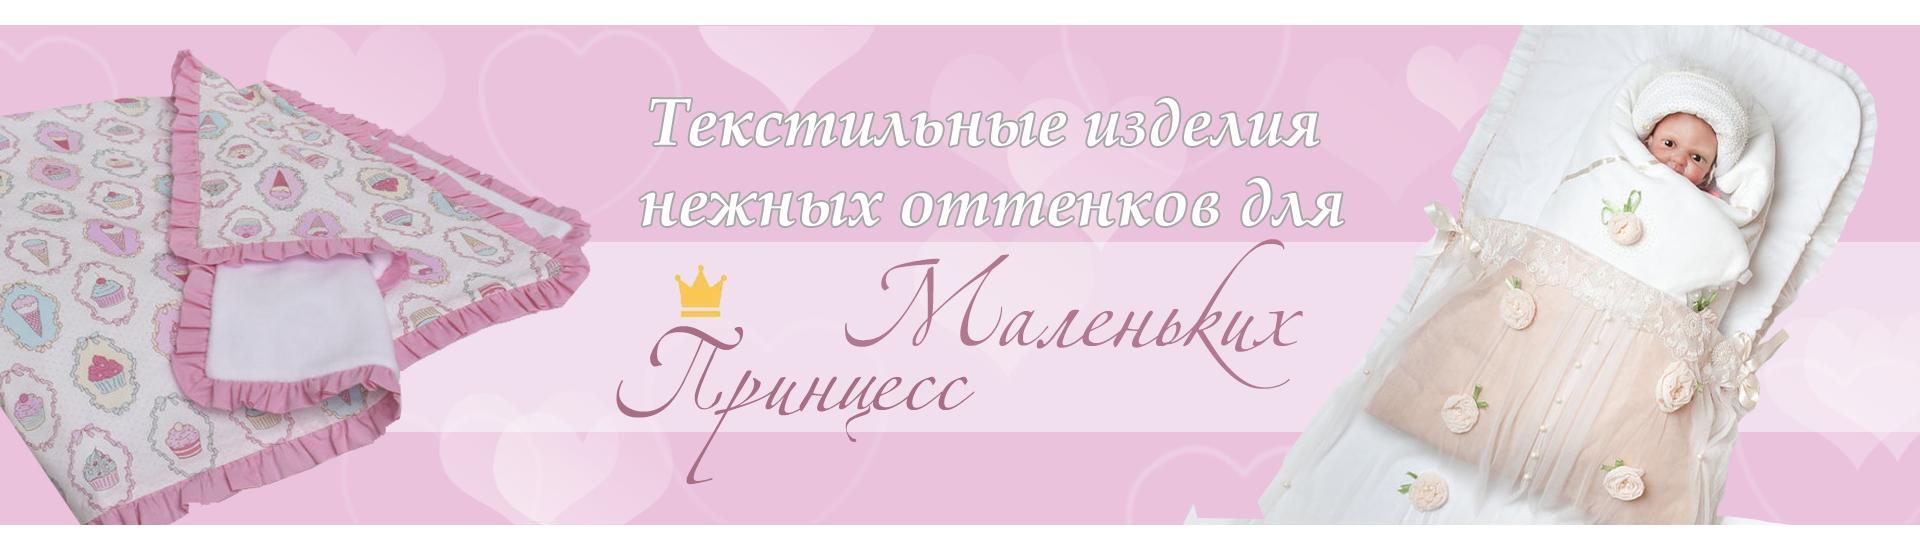 TomiSi-dlya-devochek